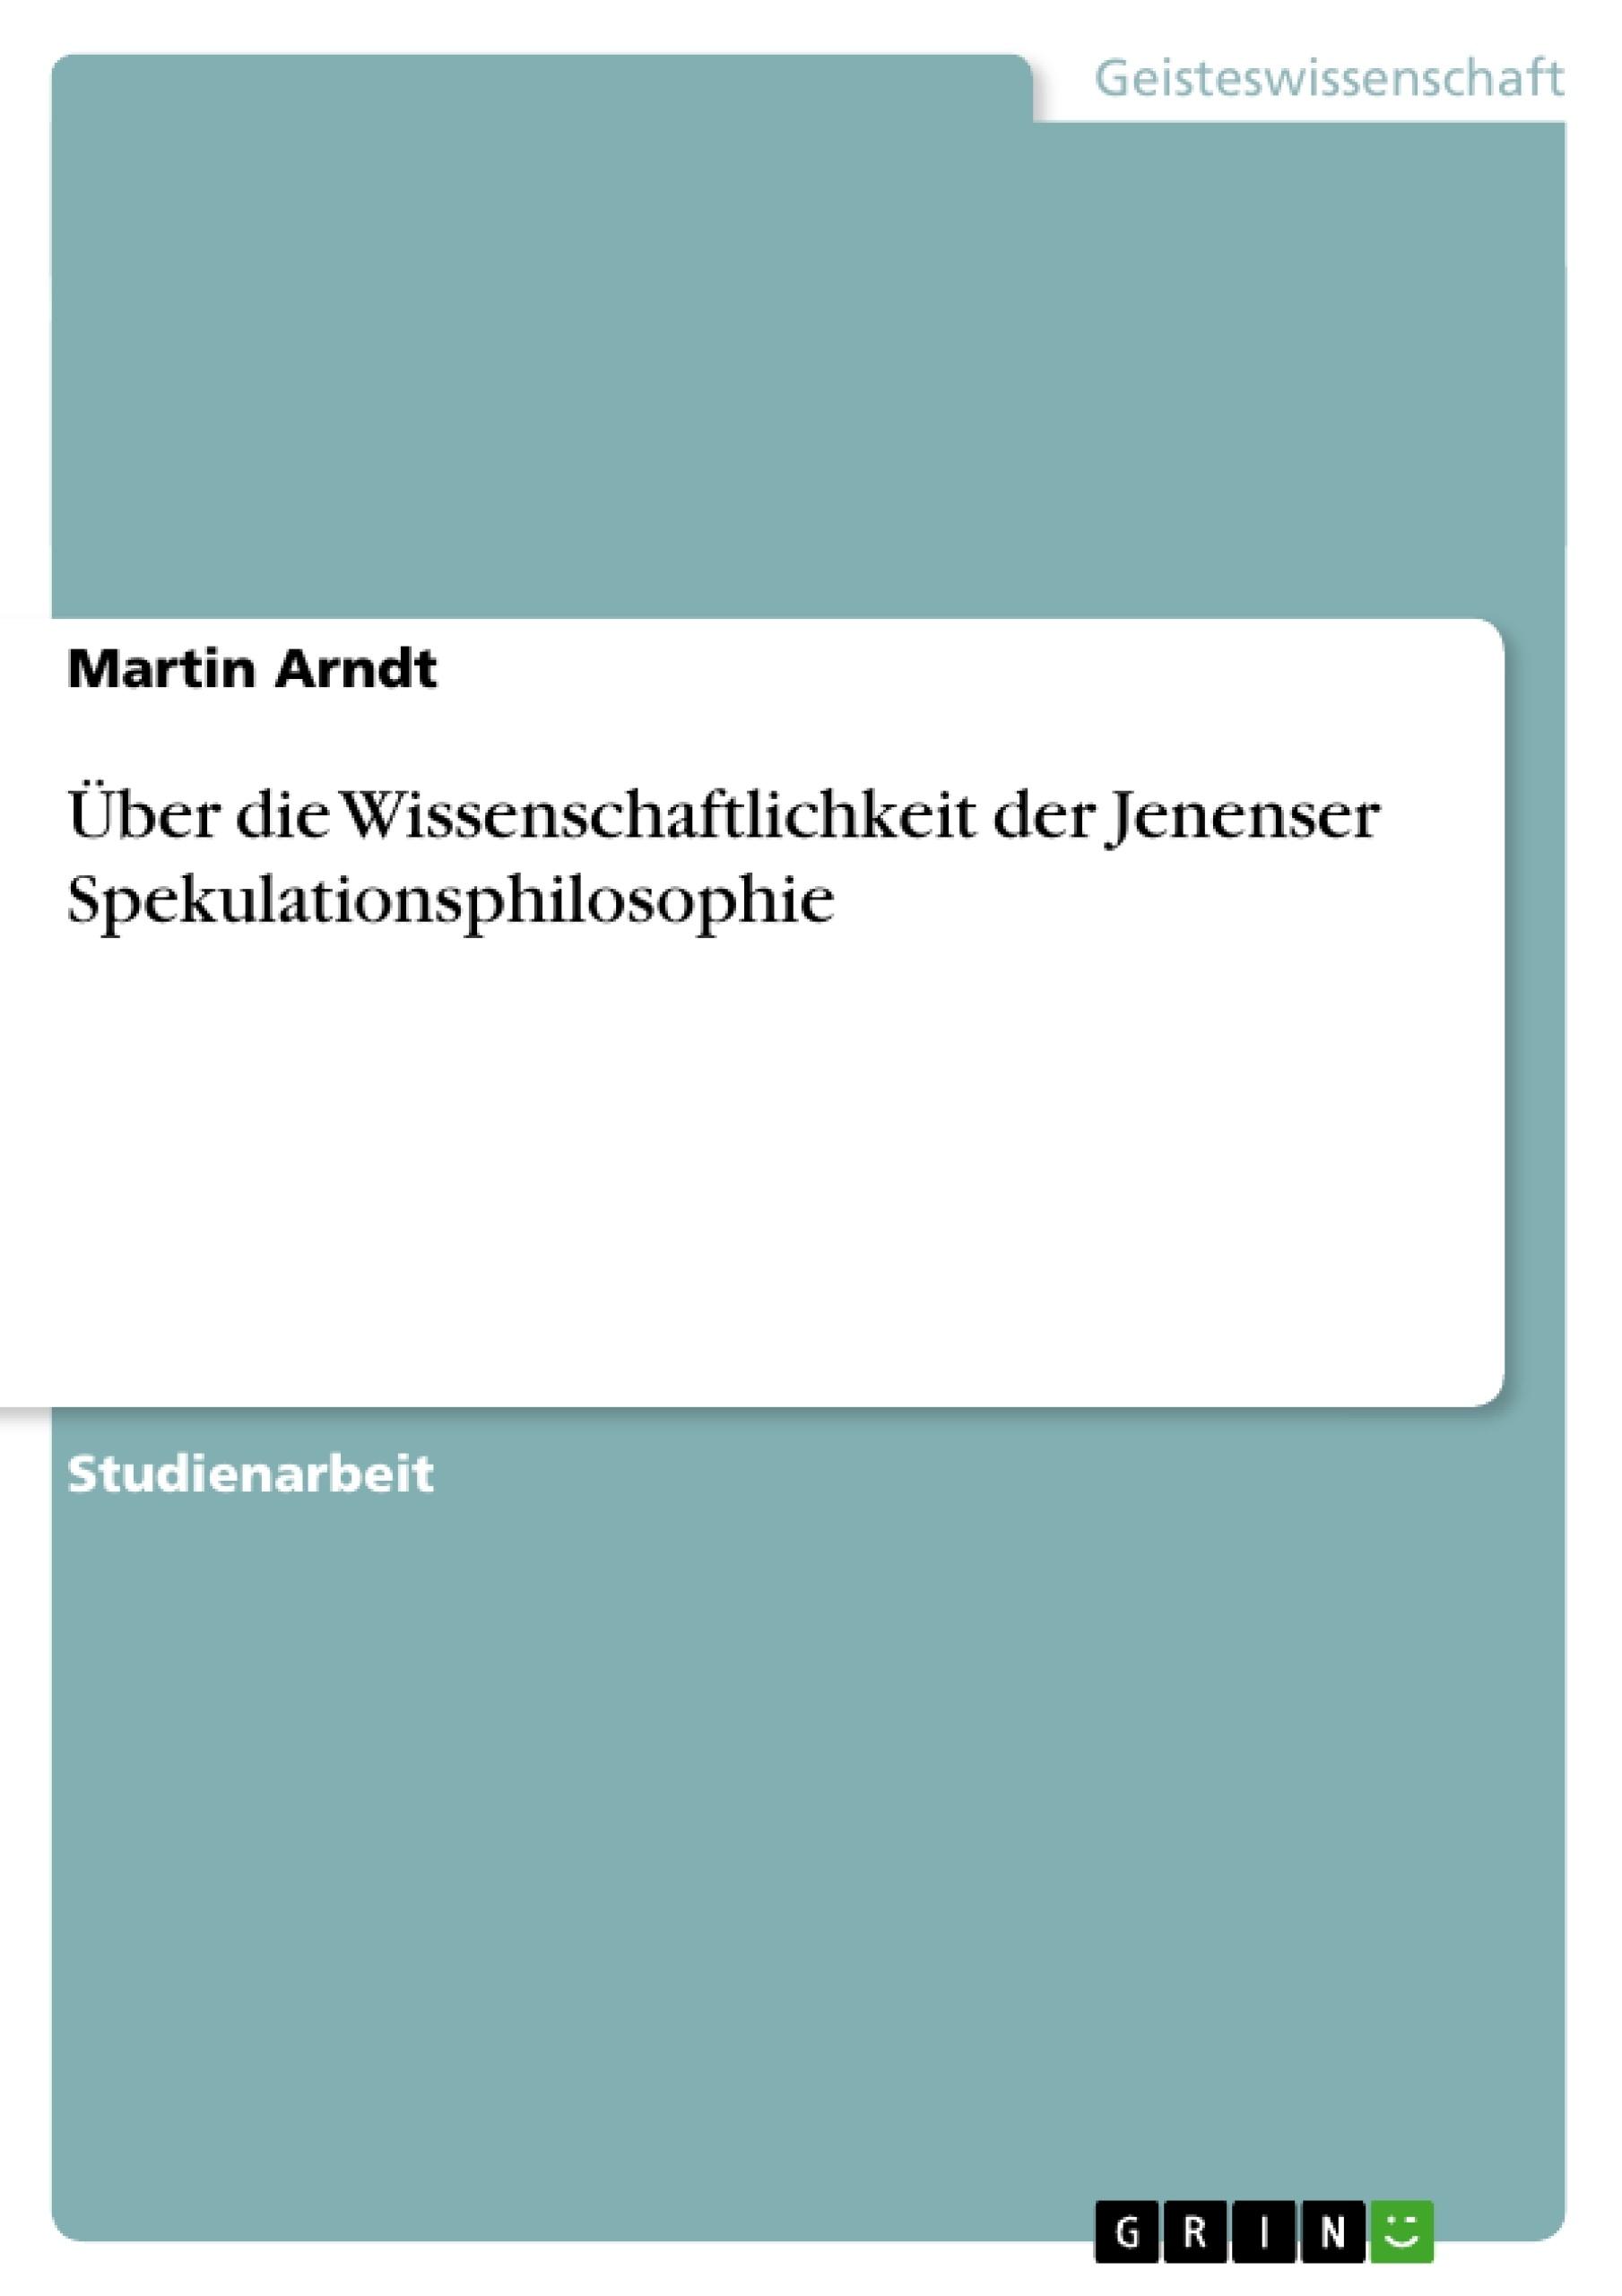 Titel: Über die Wissenschaftlichkeit der Jenenser Spekulationsphilosophie